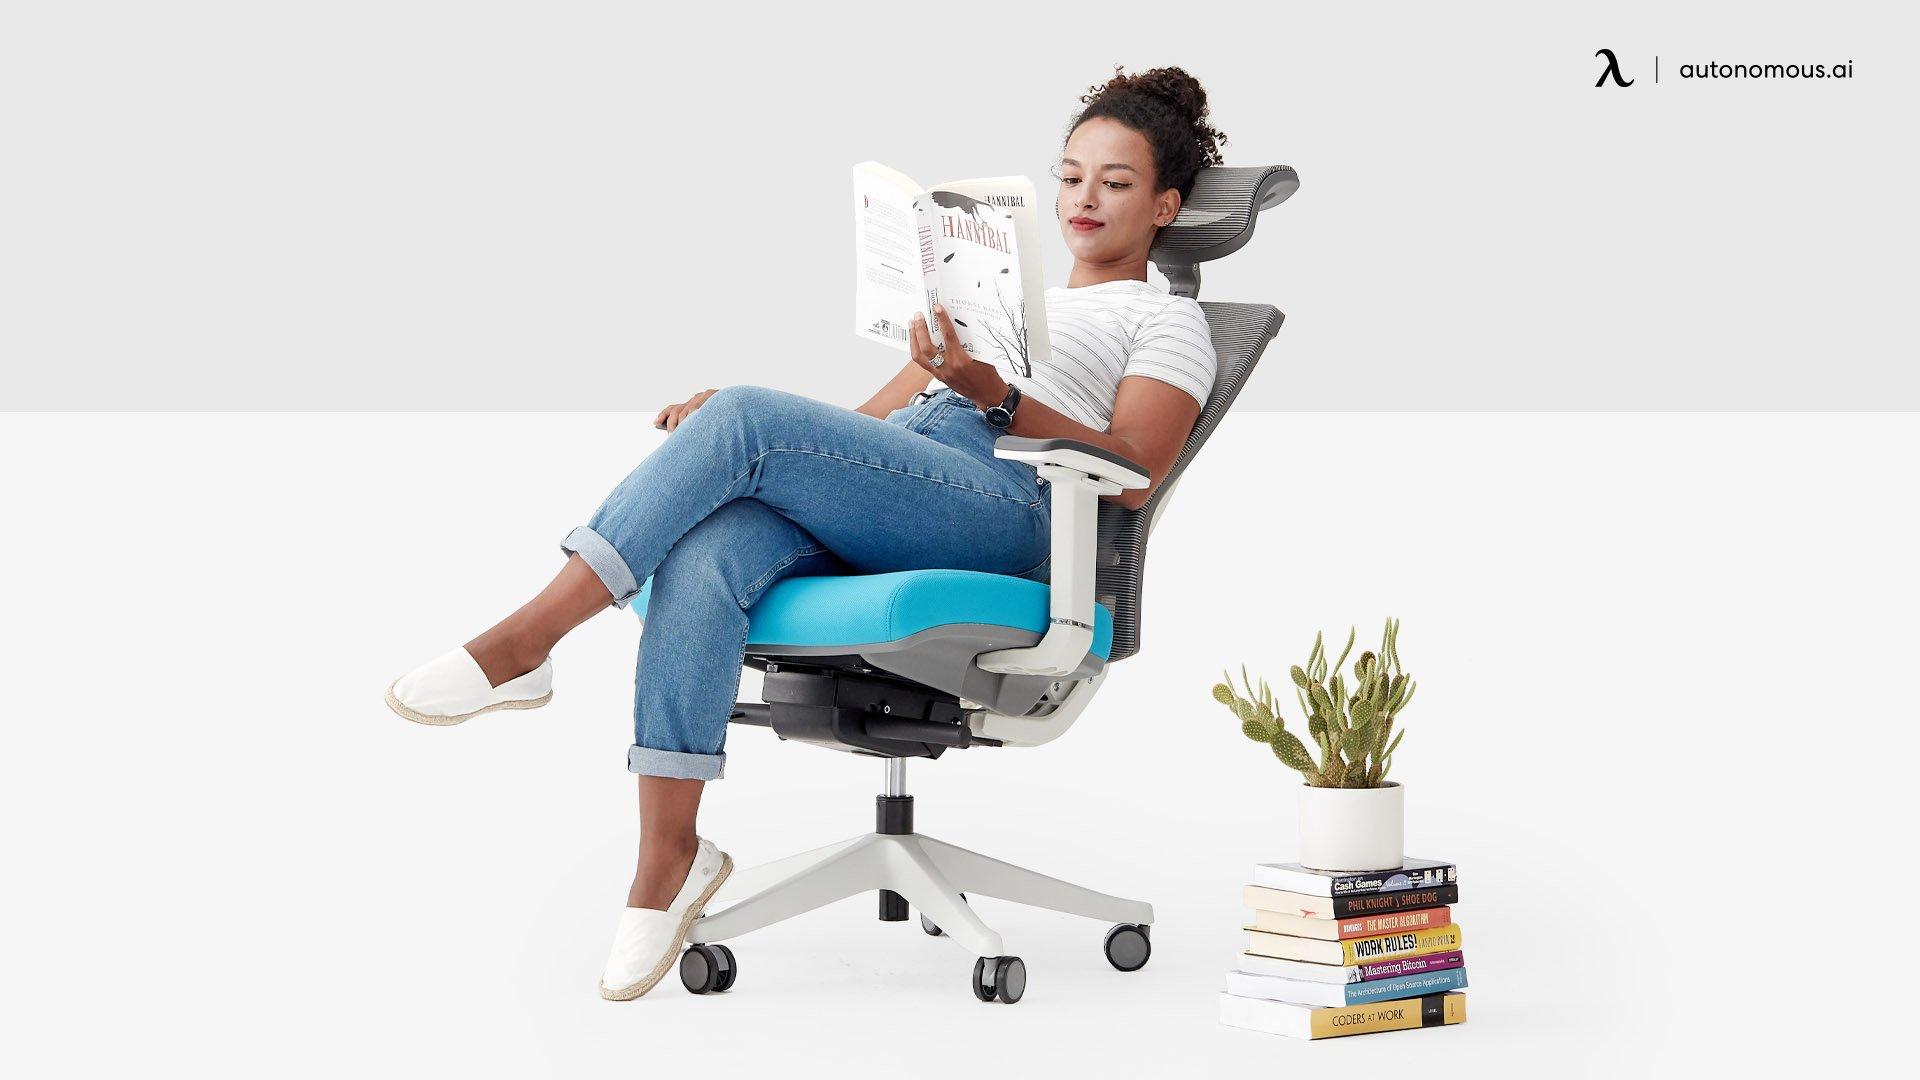 ErgoChair 2 - The Ergonomic Office Chair